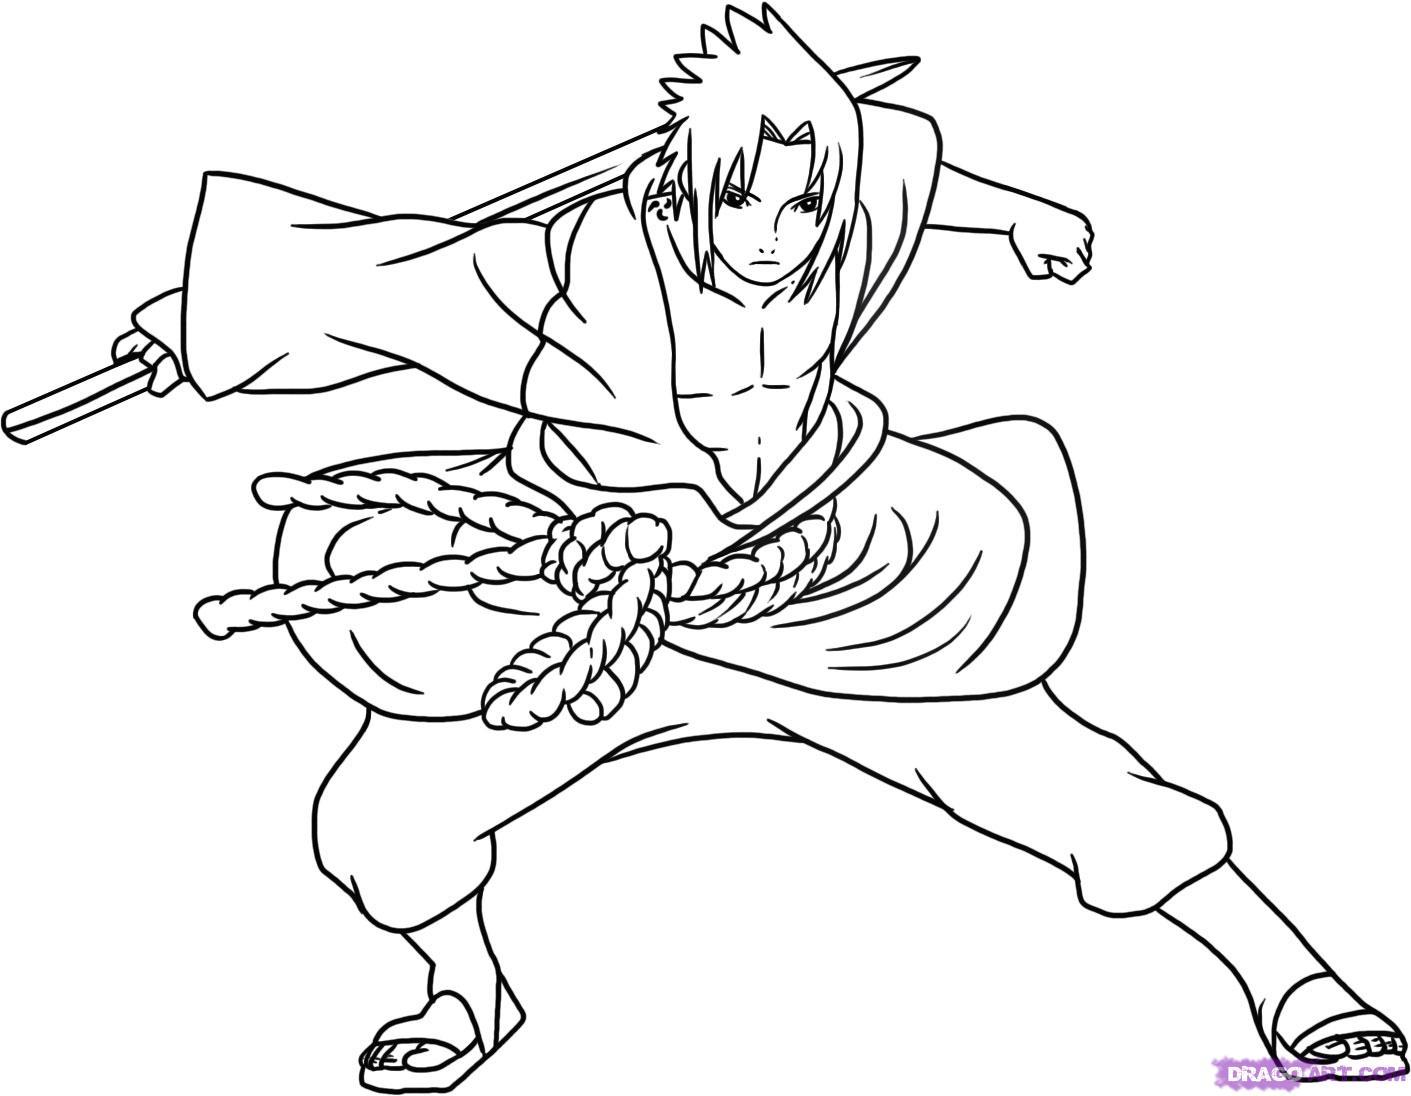 1411x1096 Naruto Vs Sasuke Coloring Pages Free Printables